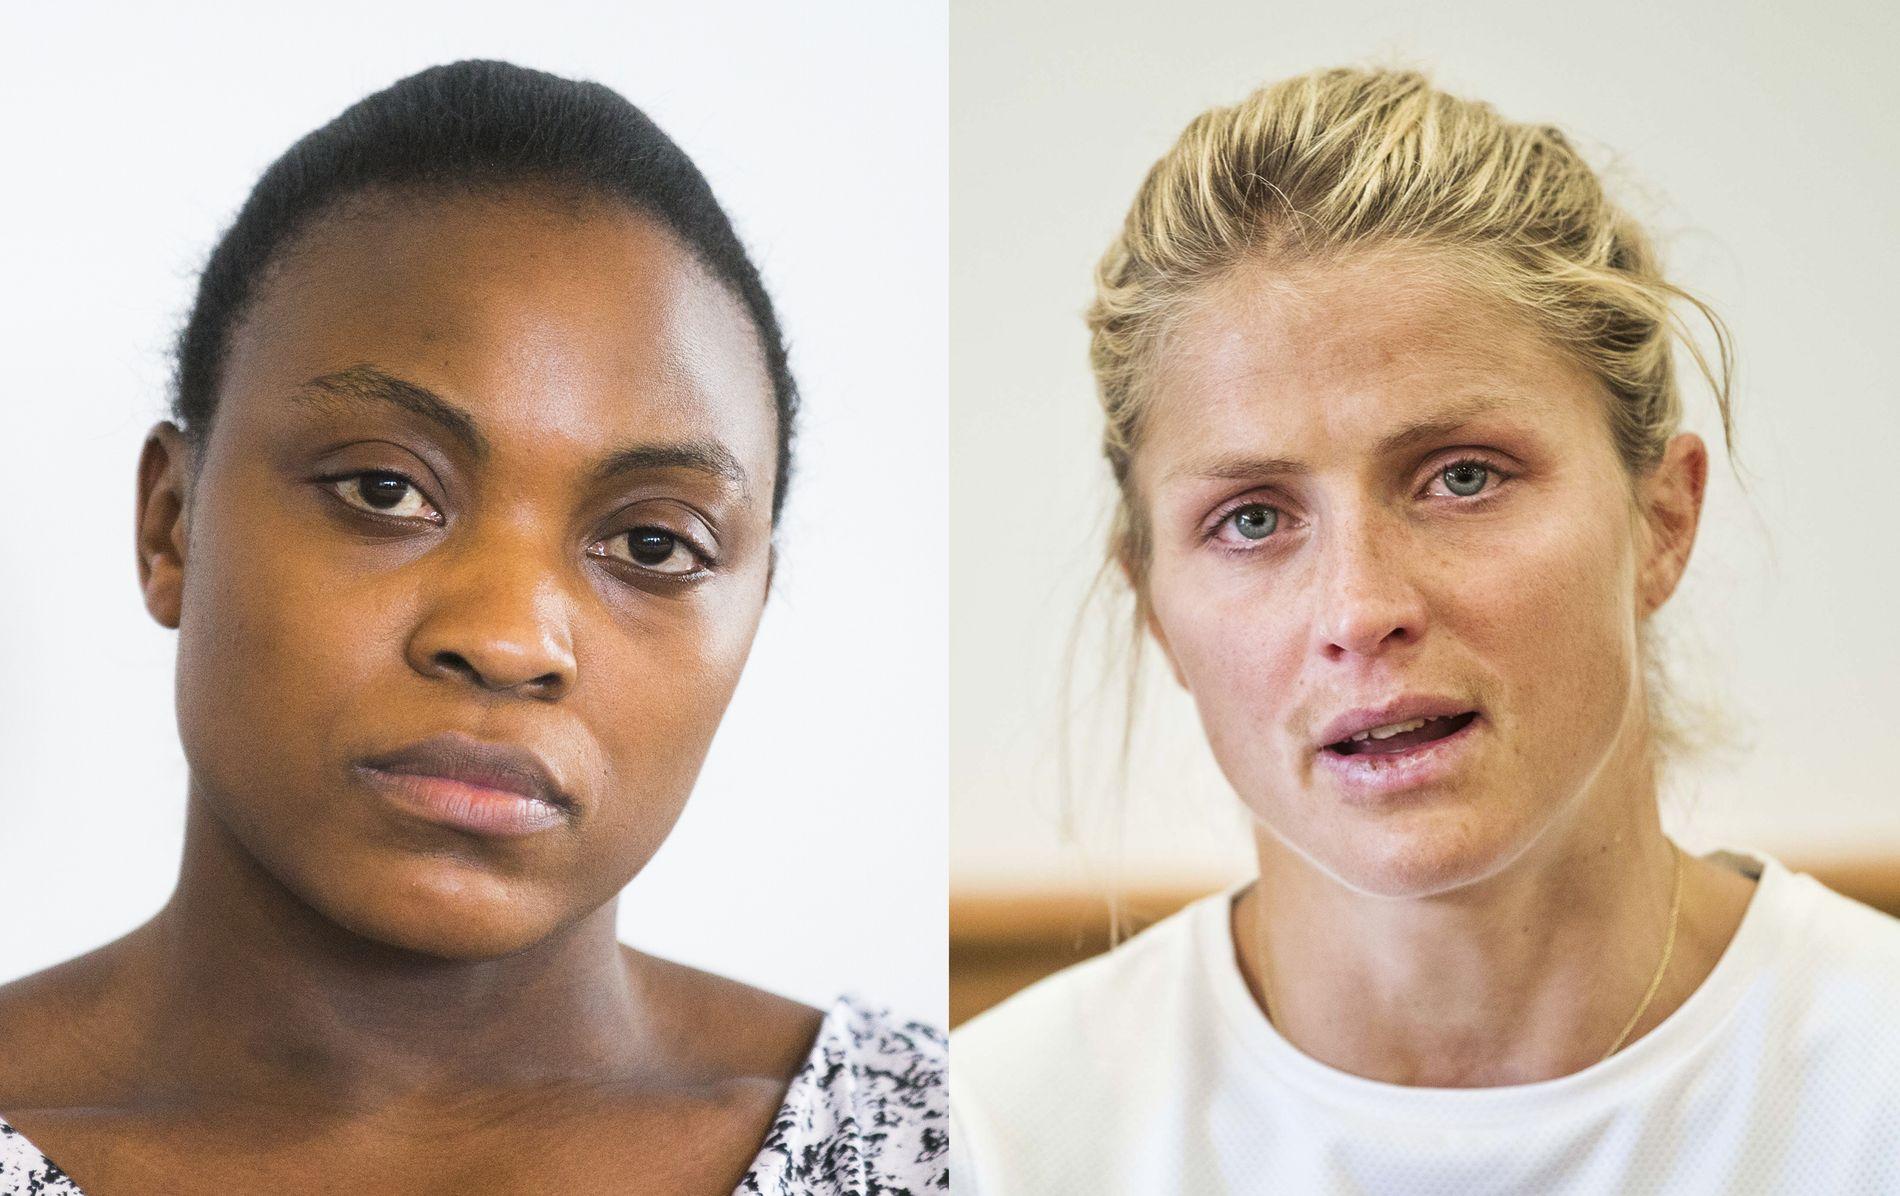 HVOR LIKE ER DE? Vektløfter Ruth Kasirye møter pressen i april 2016, etter at hennes positive dopingprøve ble kjent. Skistjernen Therese Johaug var i Seiser Alm da hun fikk den endelige dommen i sin dopingsak.